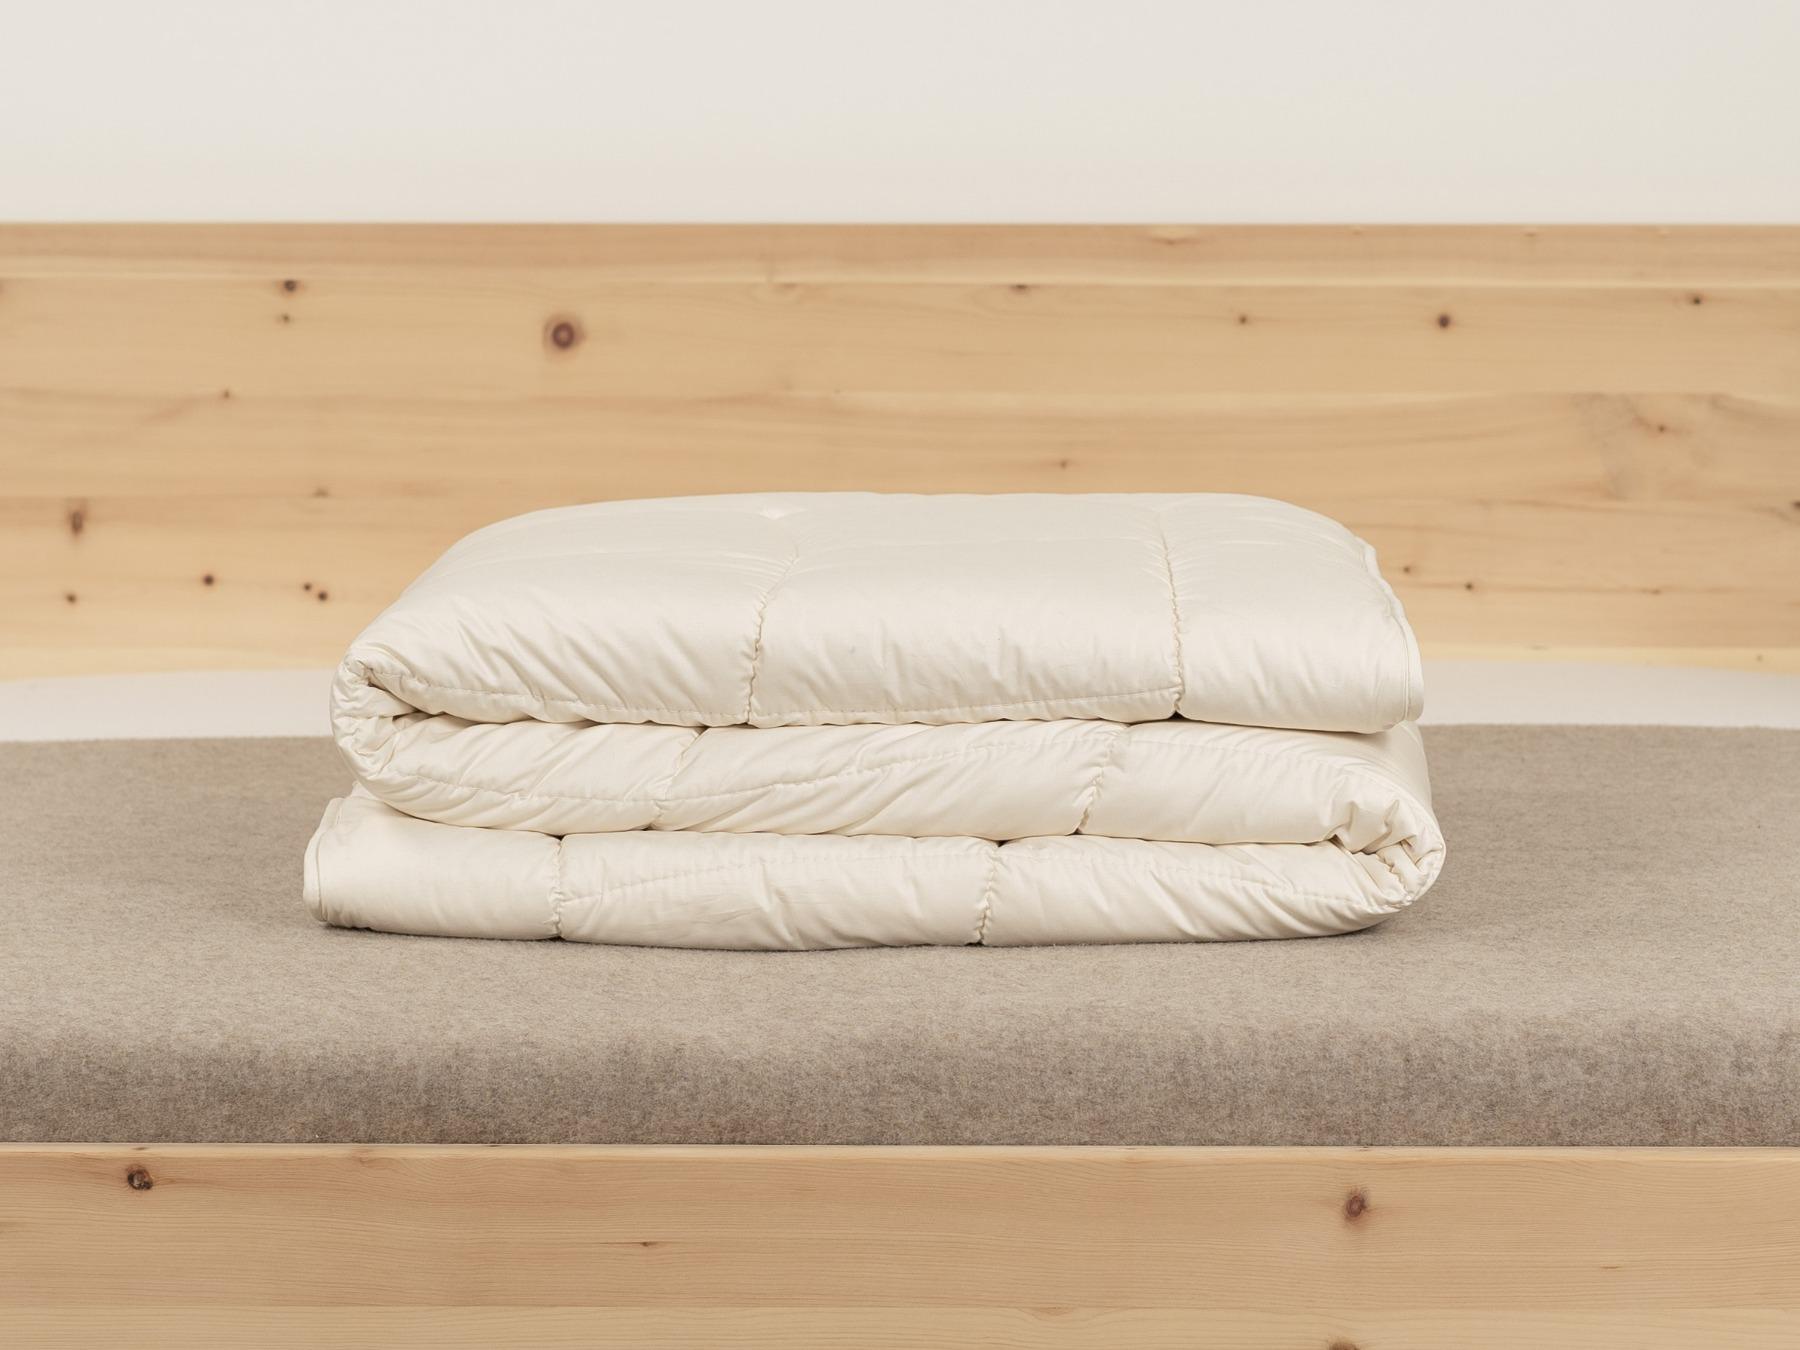 Mit der Duo-Bettdecke kommen Sie kuschelig durch die kalte Jahreszeit.